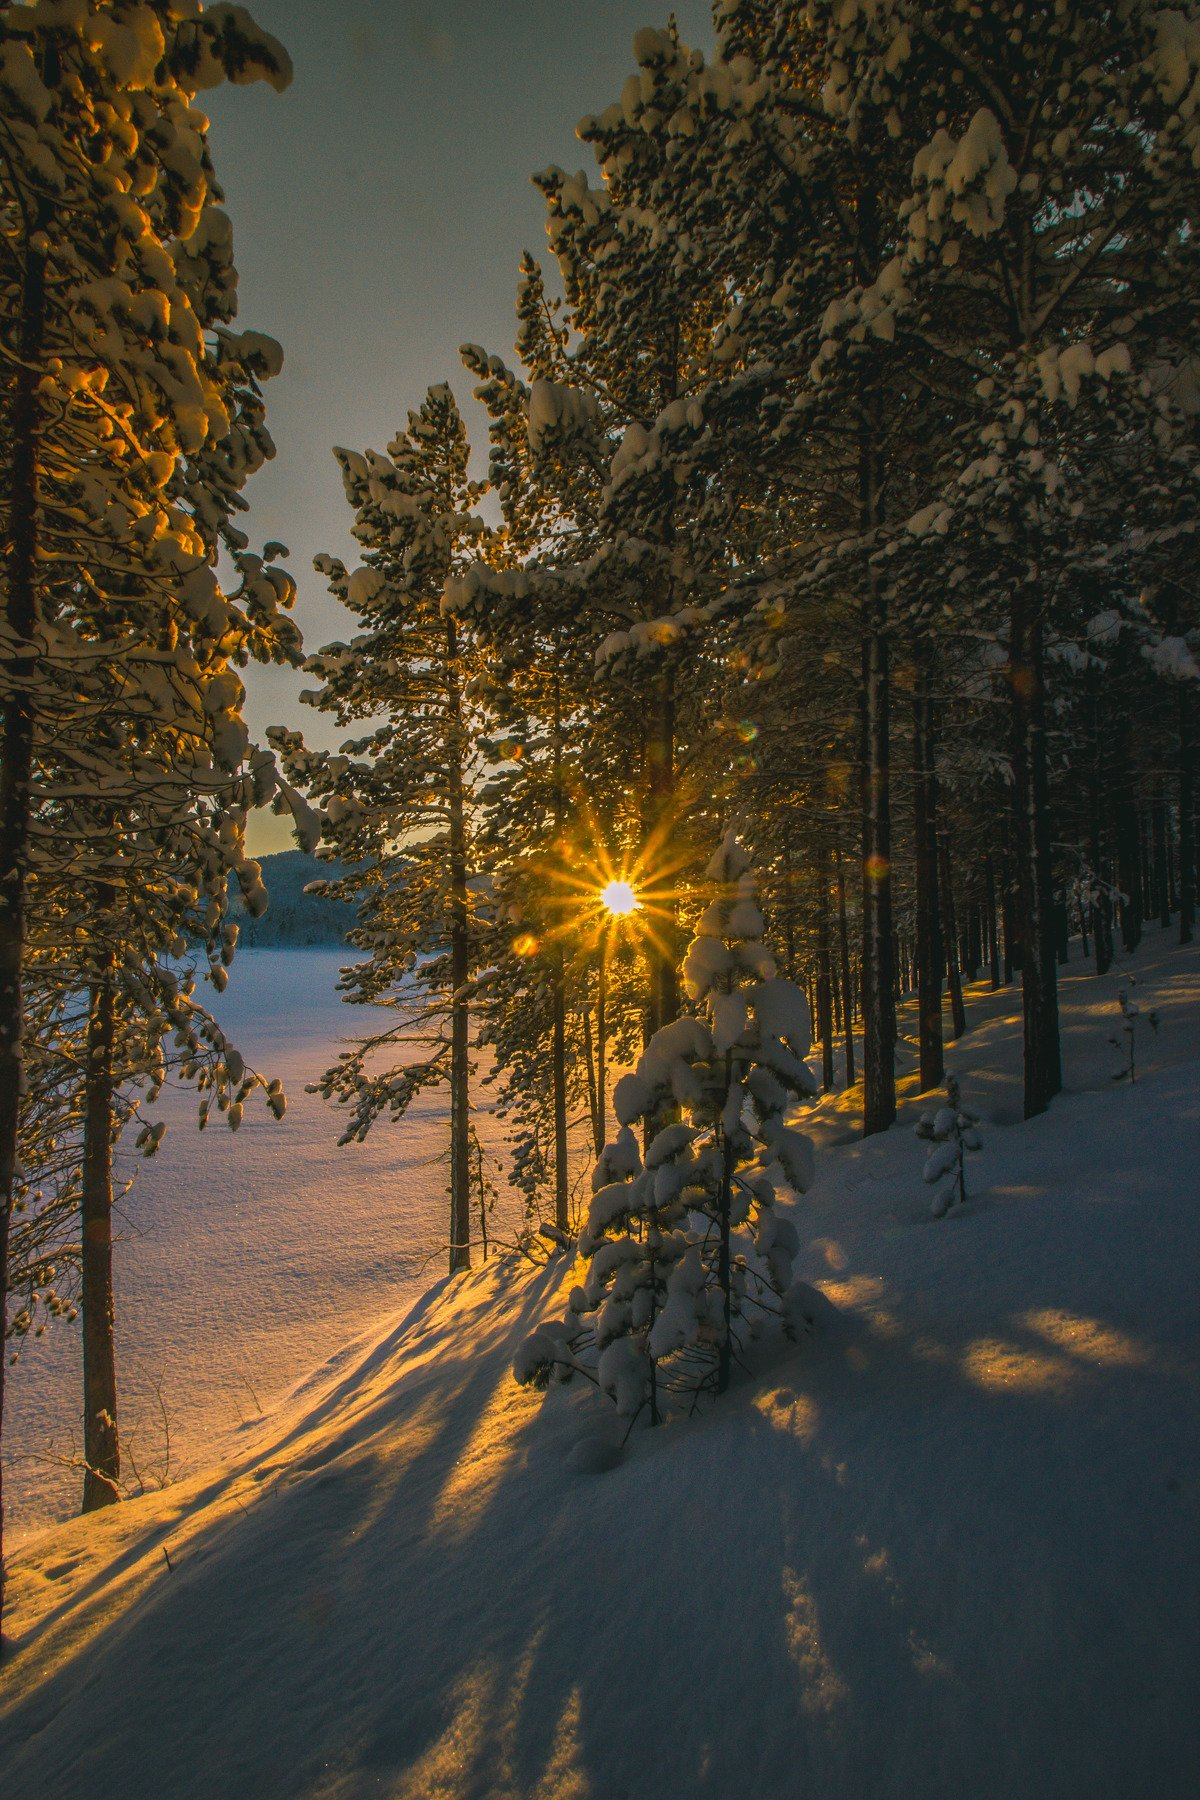 пейзаж, природа, закат, солнце, свет, лес, деревья, север, сугробы, снег, сосны, река, Салтыкова Алёна